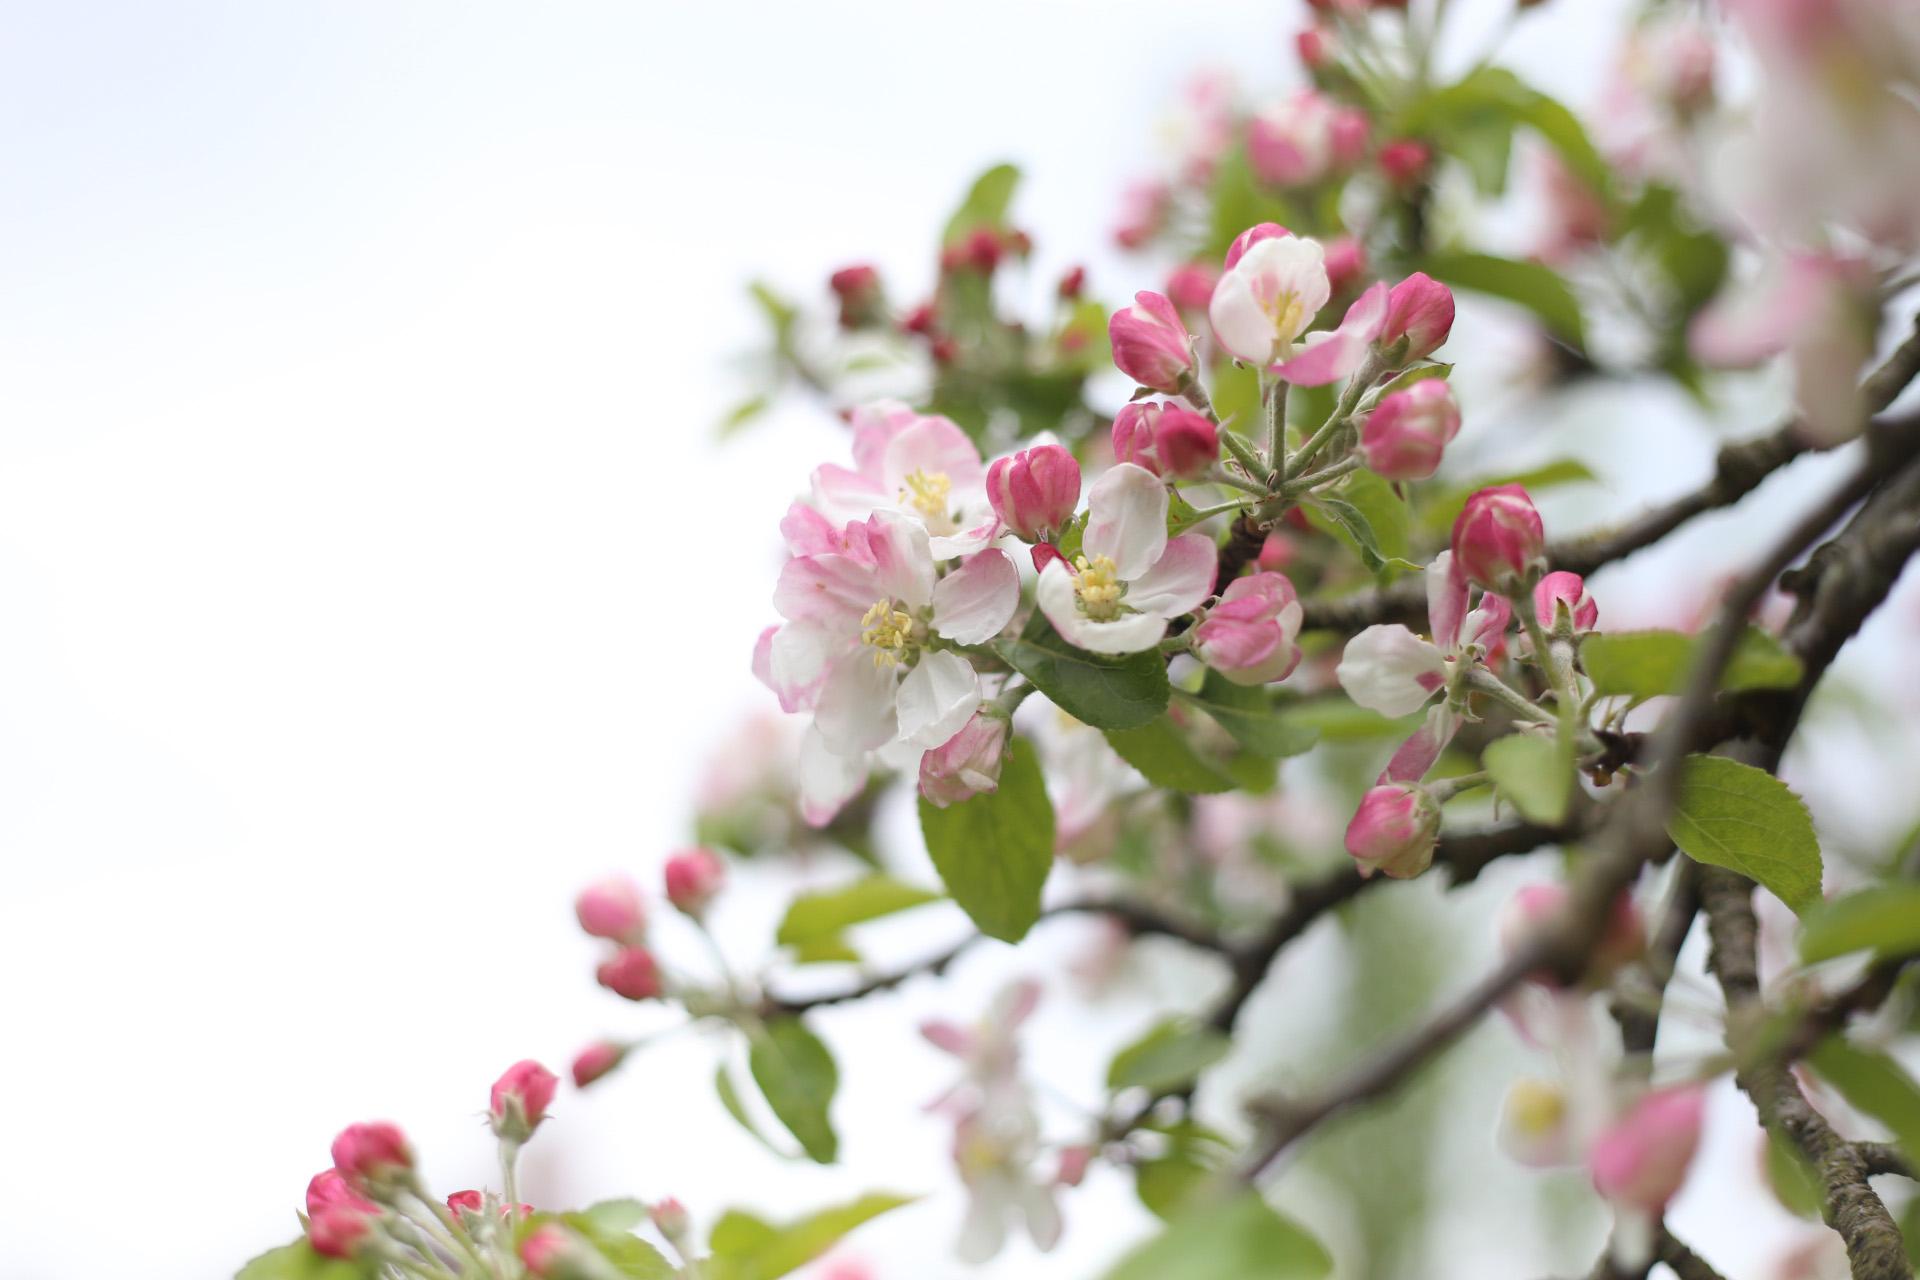 04Mar_Blossom.jpg